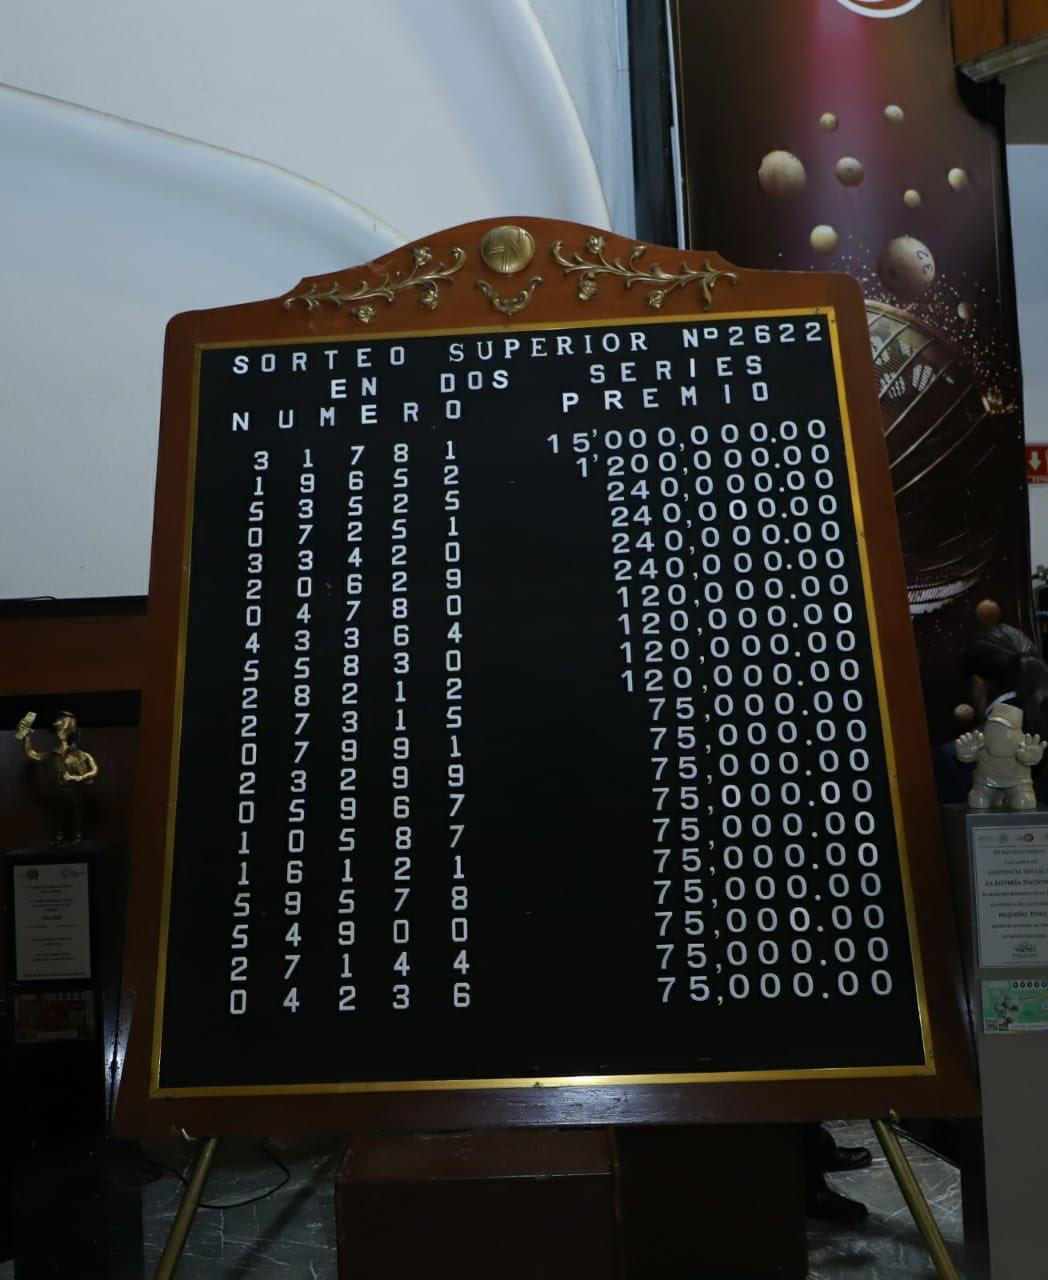 Resultados sorteo superior 2622